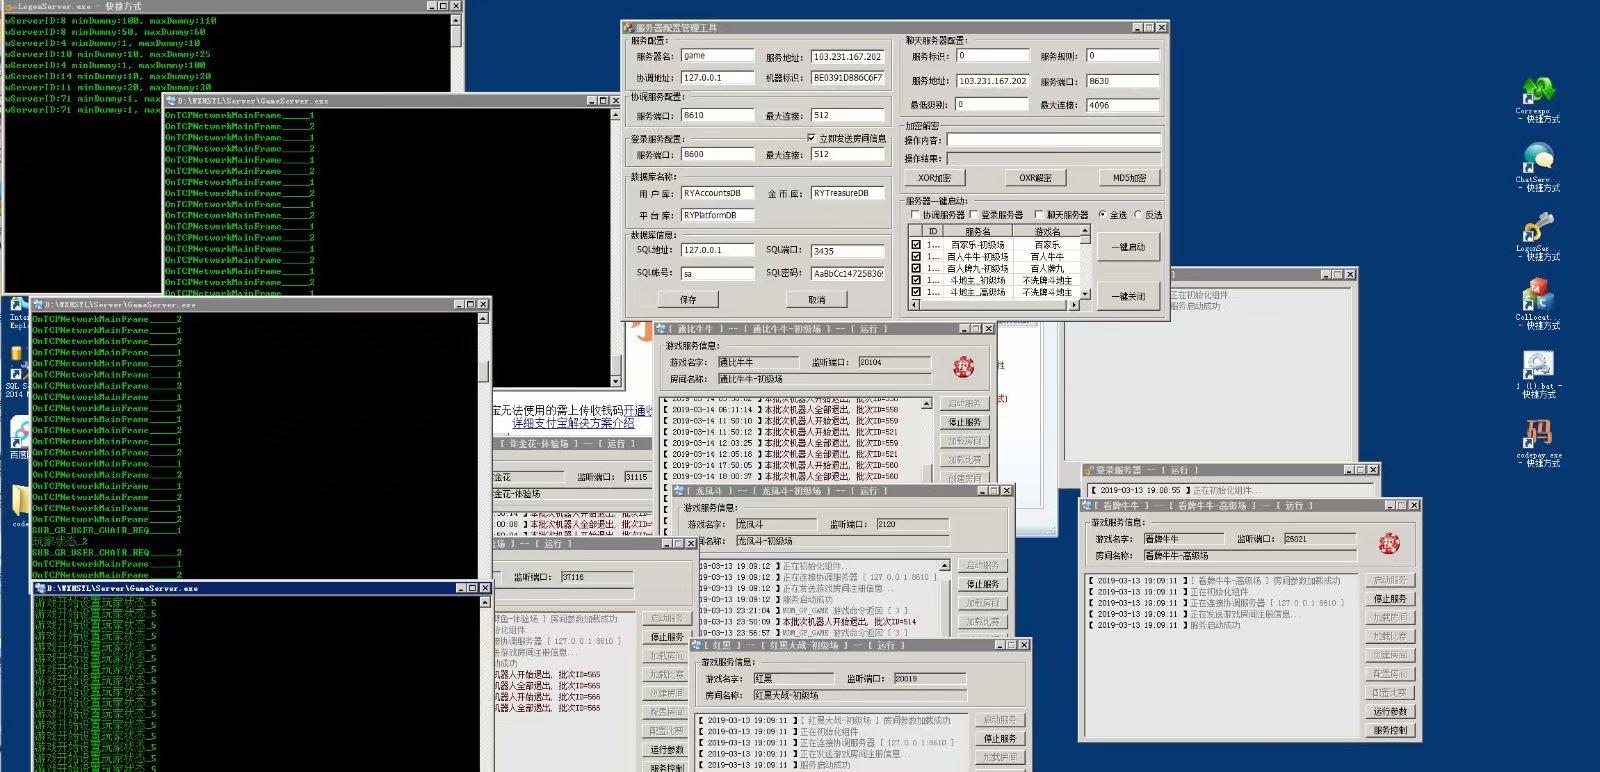 最新红色永利带微信登录+机器人显示微信头像,修复扫码即绑定全民代理,完美运营1:1游戏平台-第9张